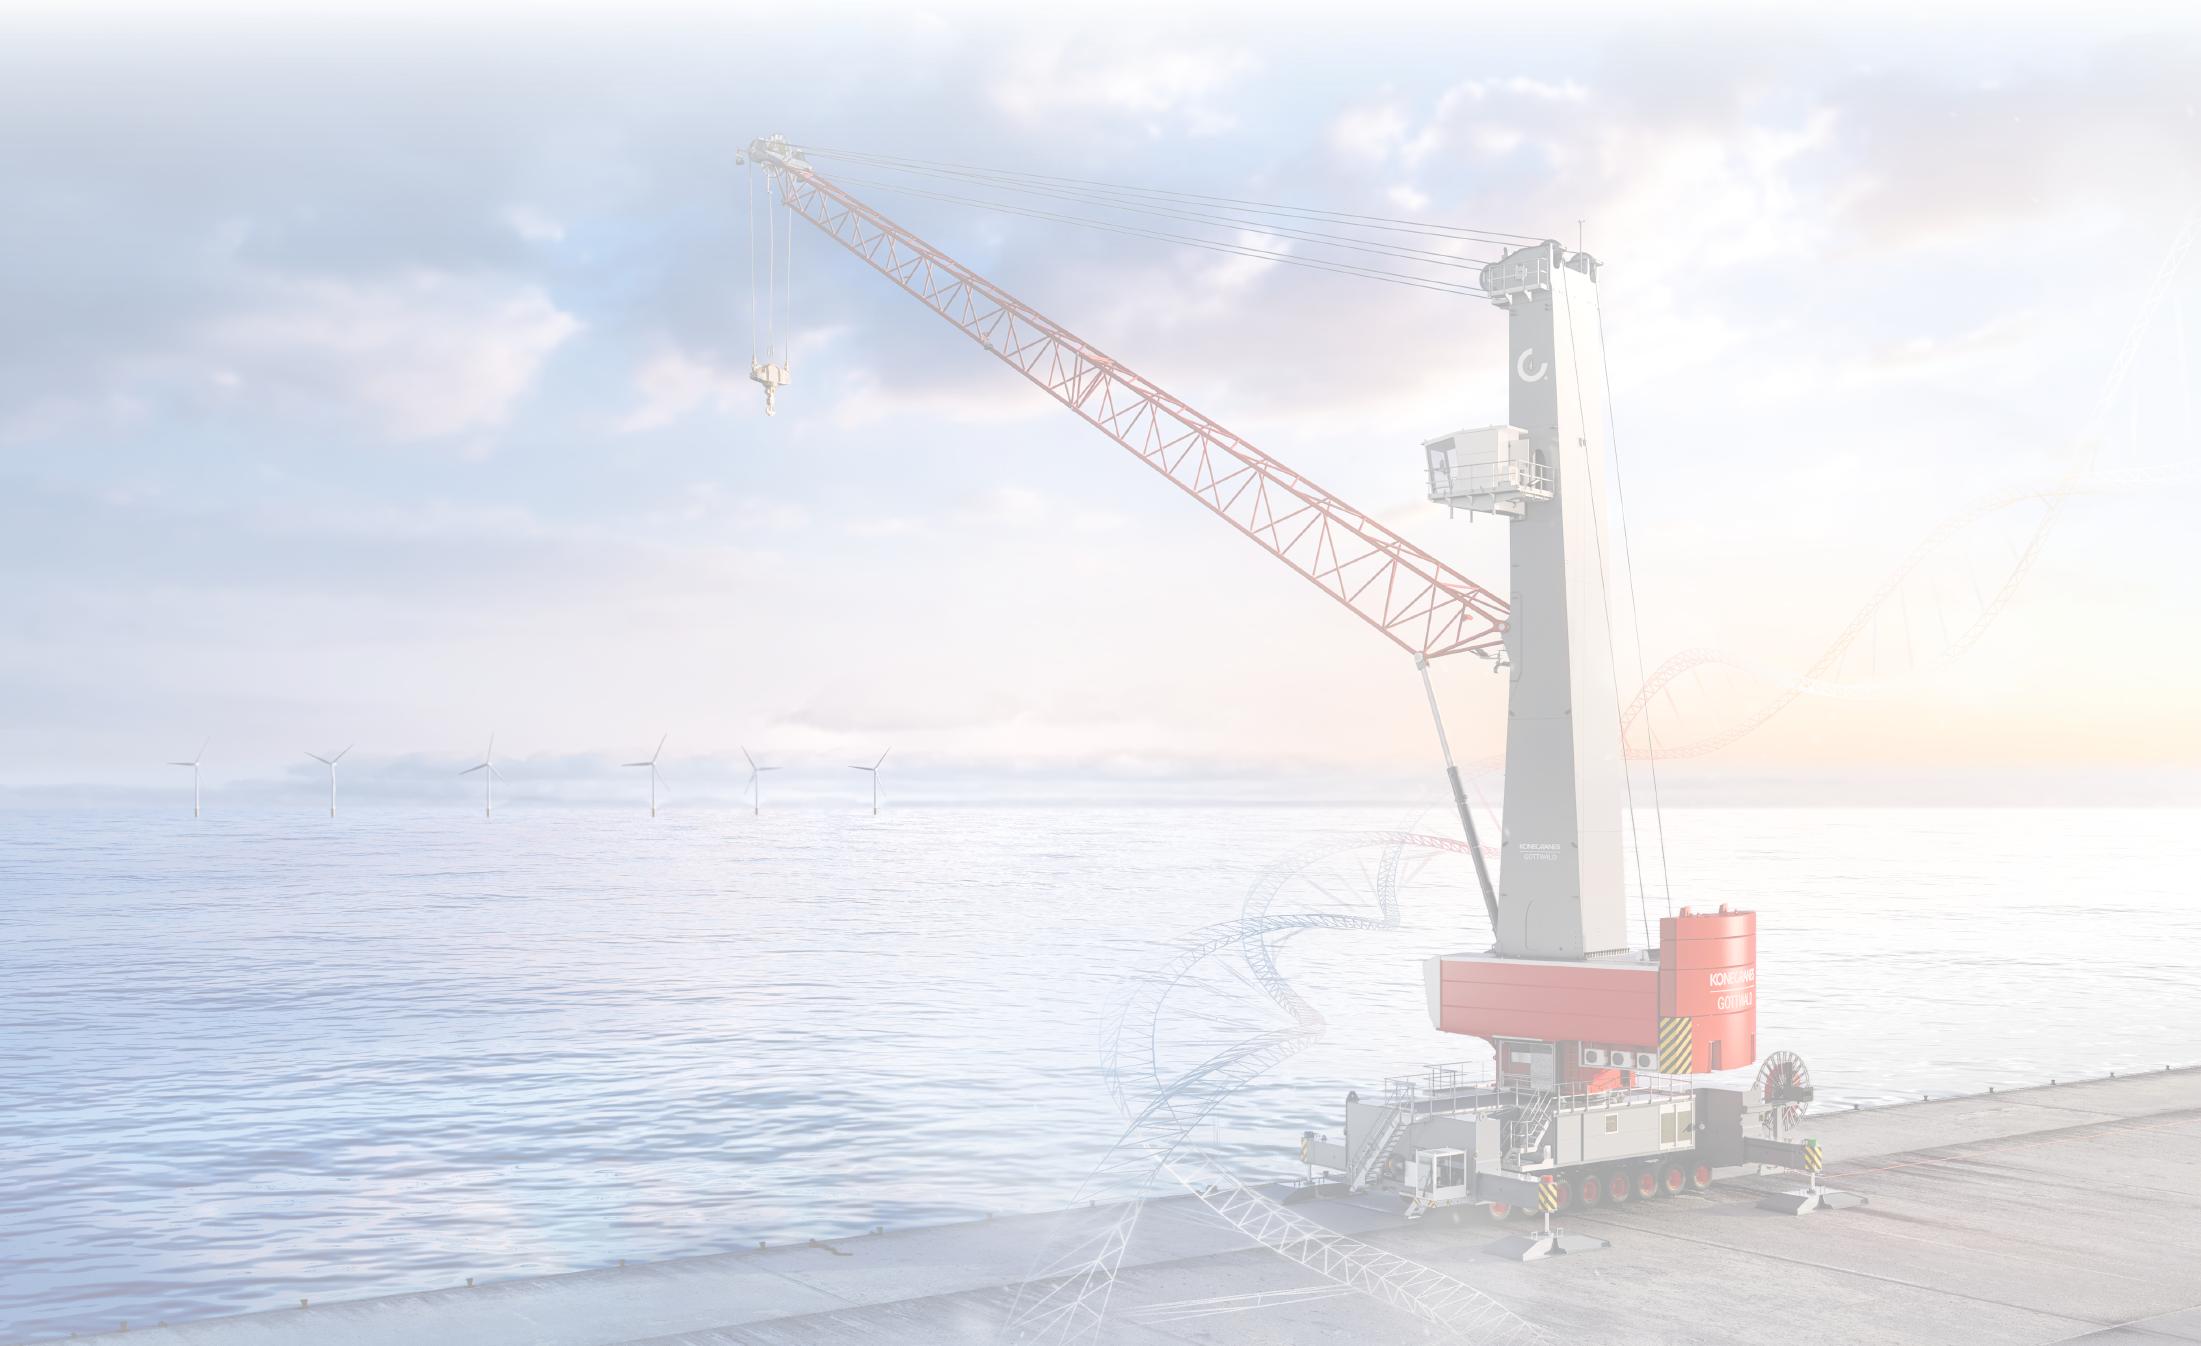 Konecranes Mobile harbour crane on the shore